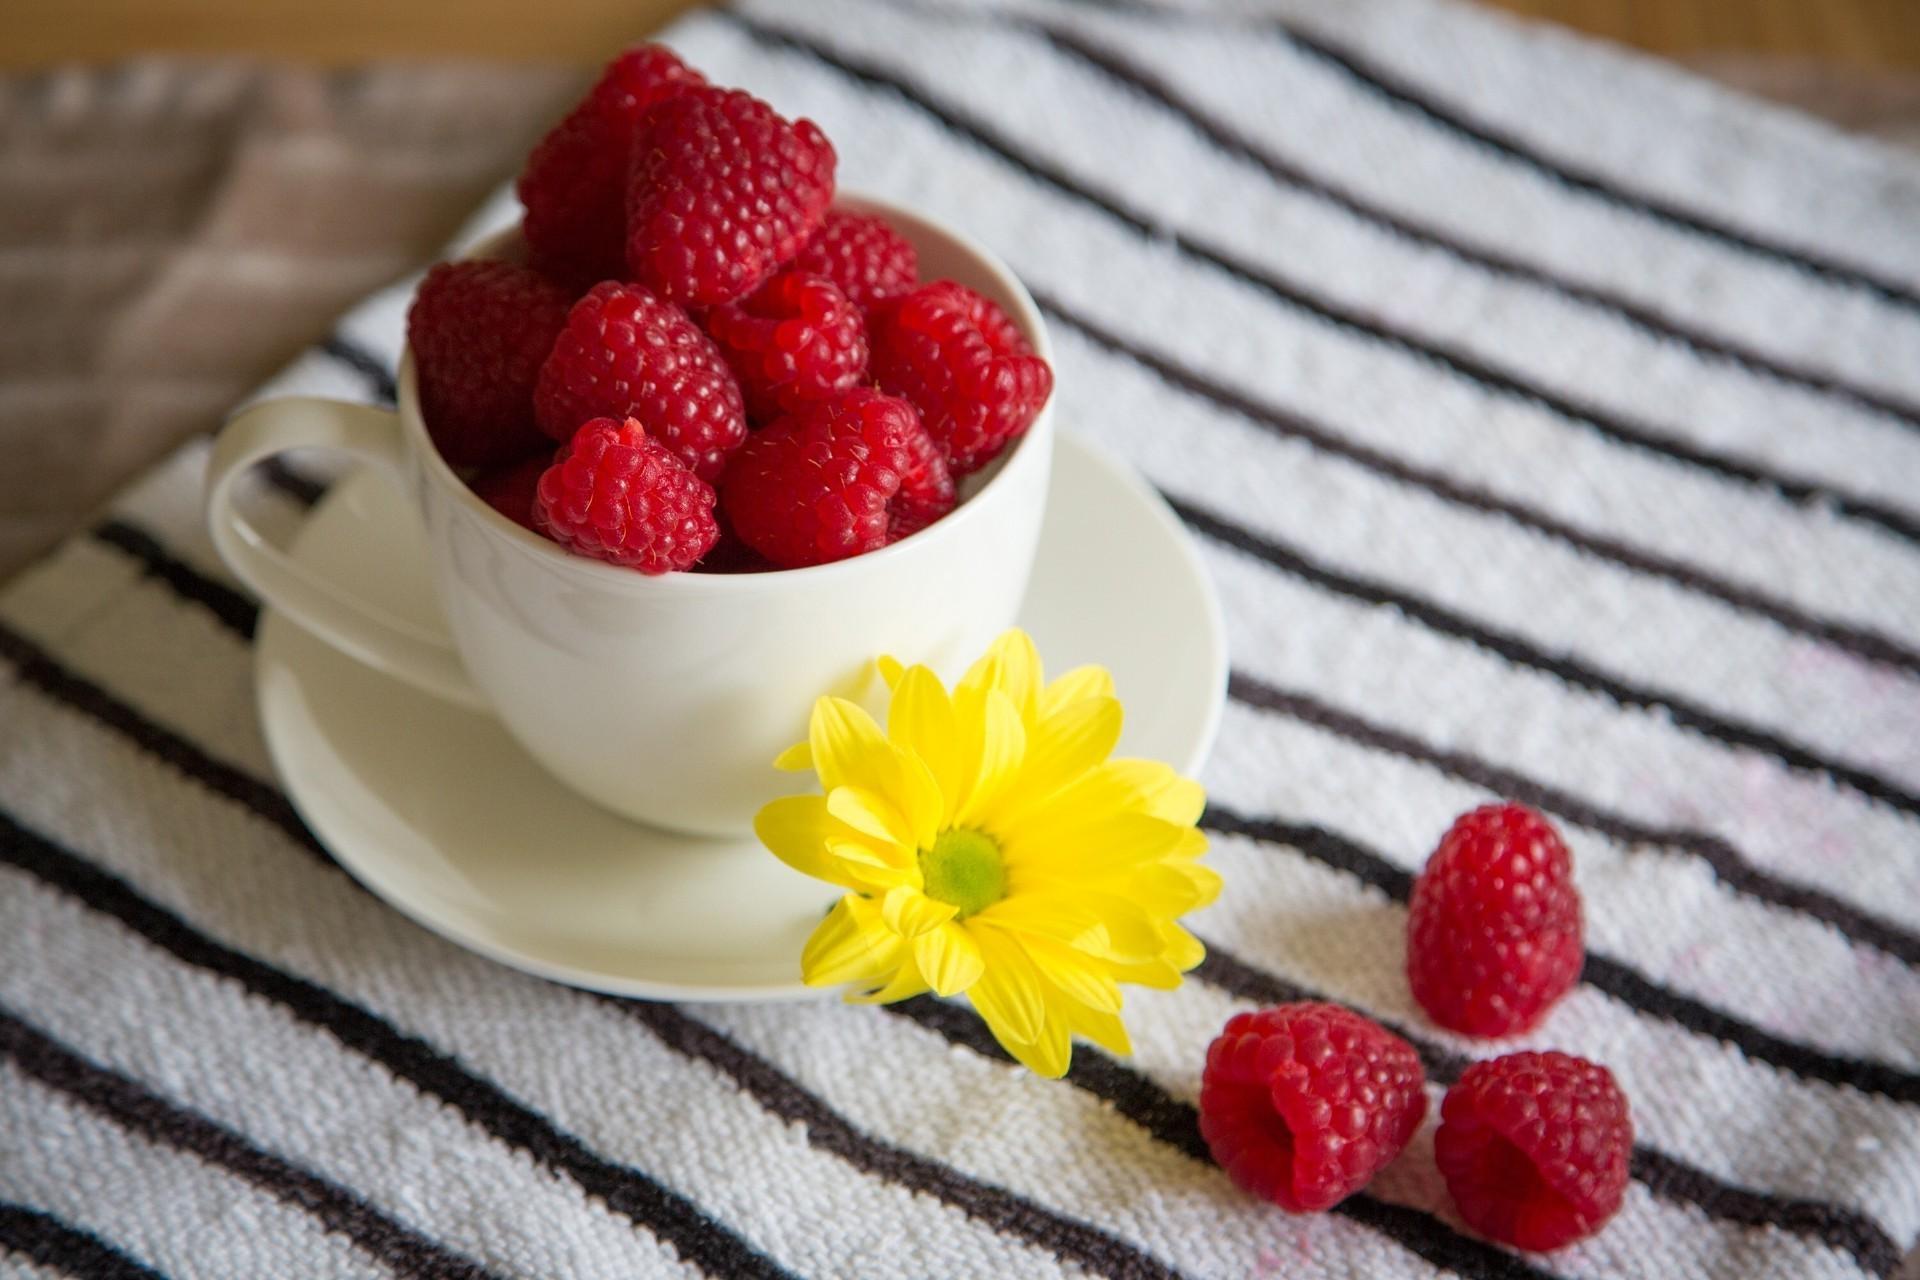 доброе утро нежные картинки с фруктами мужчин очень распространено